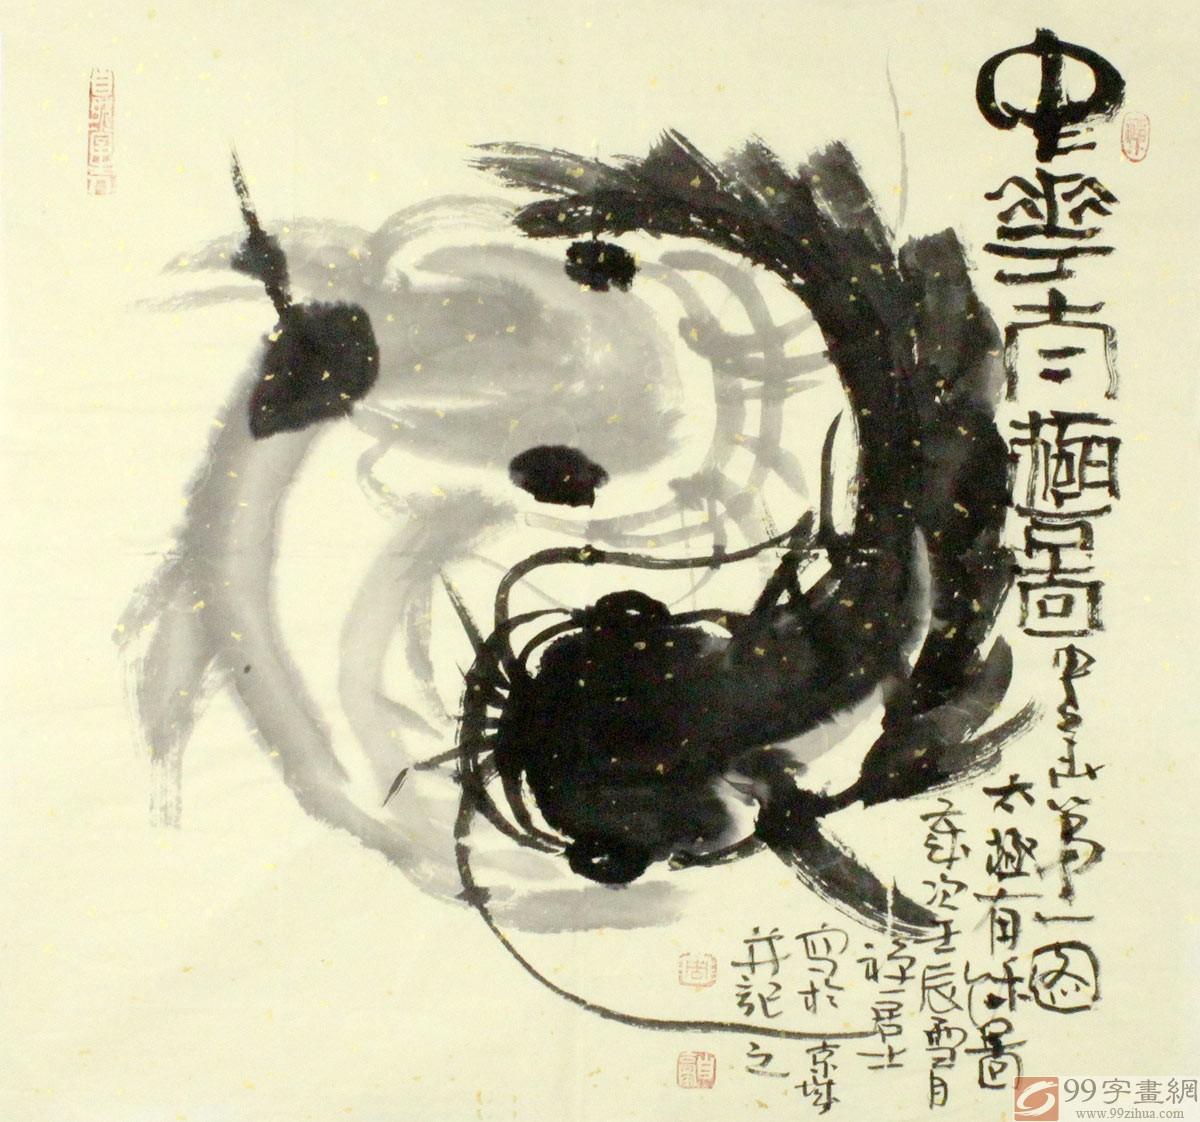 的《龙凤吉祥太极图》与中国美术的智慧   周自豪笔下的鲶鱼